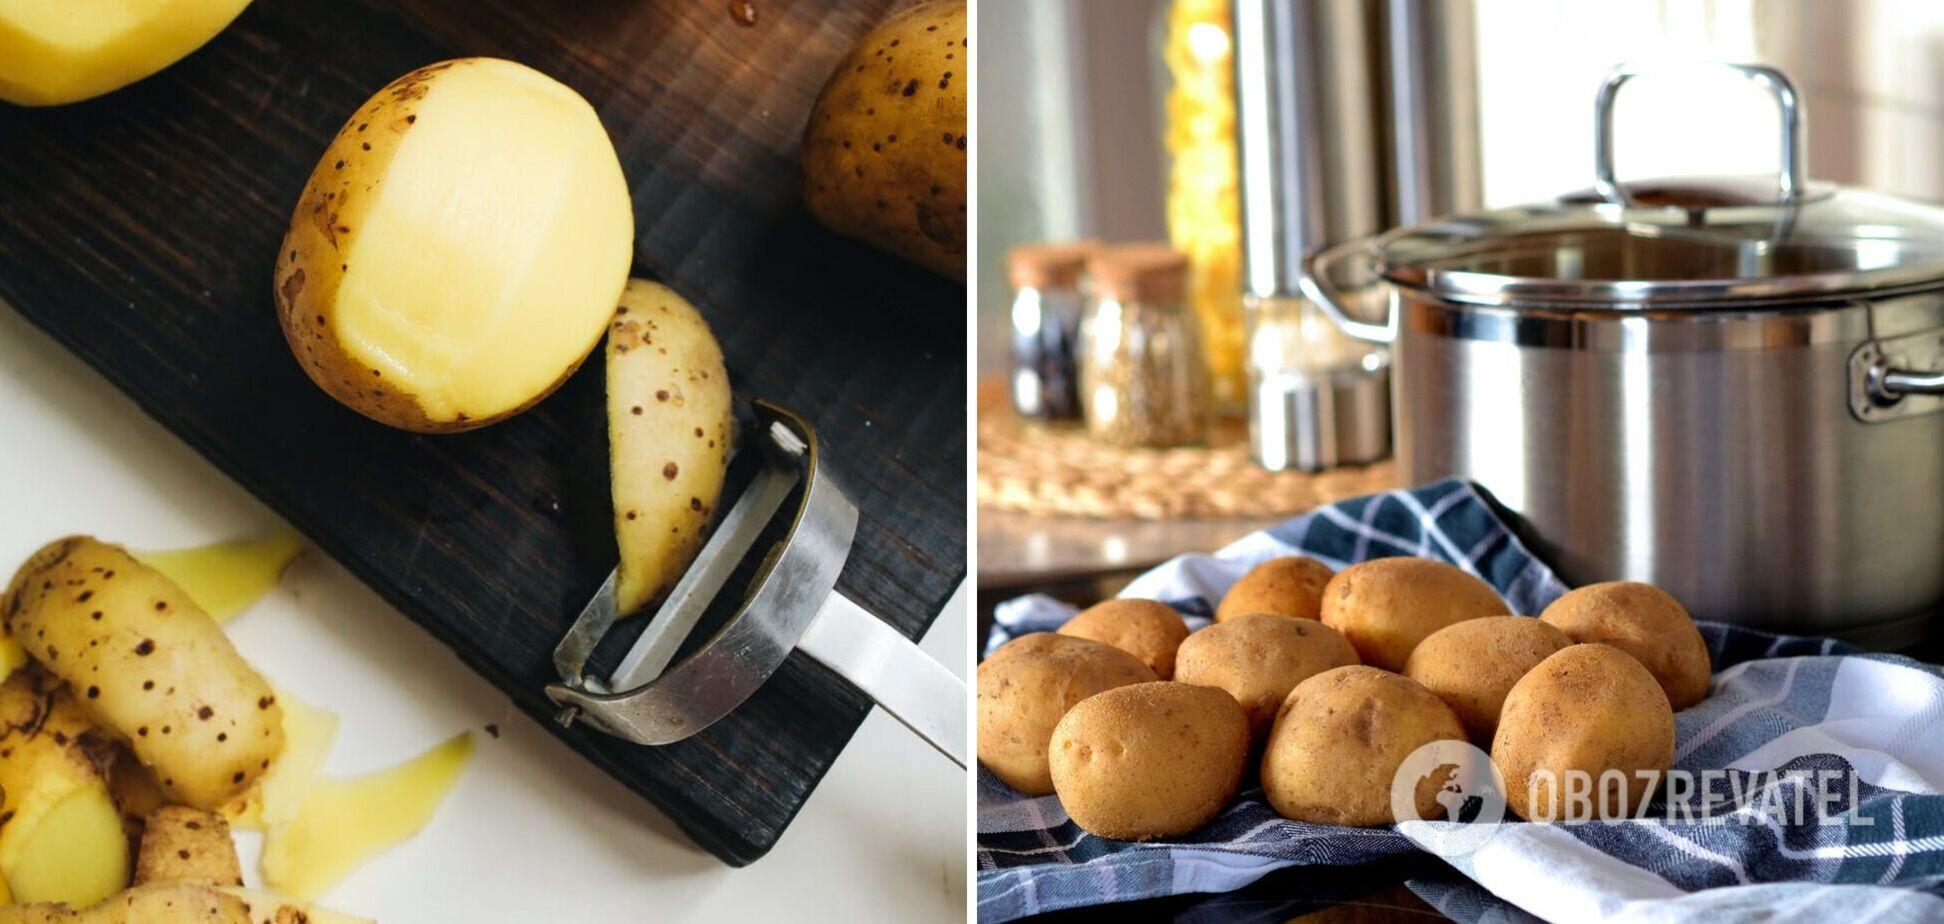 Як у жодному разі не можна готувати картопляне пюре – найпоширеніші помилки